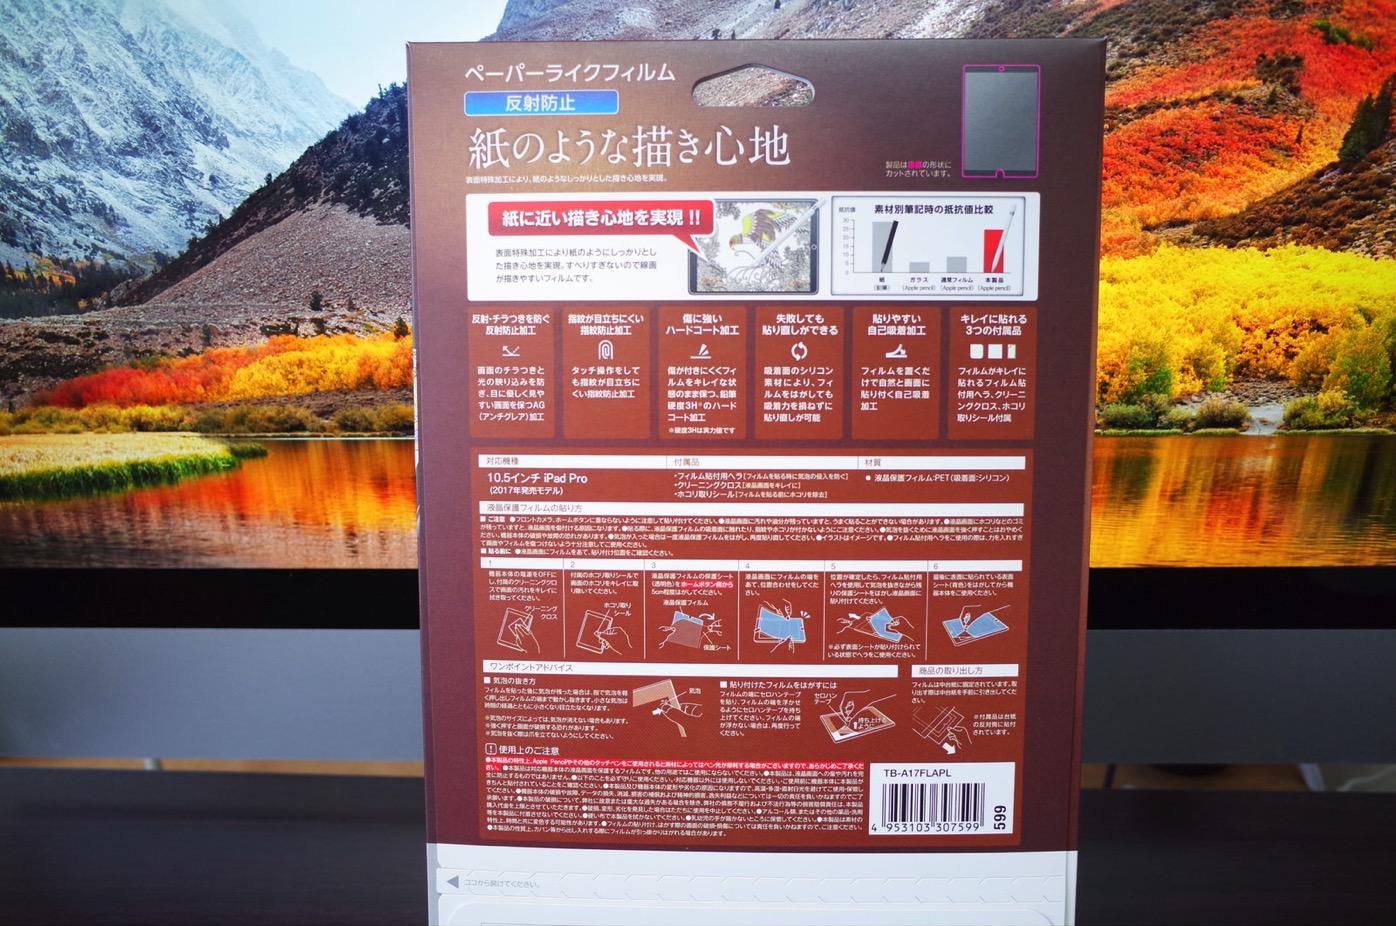 エレコム iPad フィルム iPad Pro 10.5 2017年モデル ペーパーライク 反射防止 TB-A17FLAPL-4